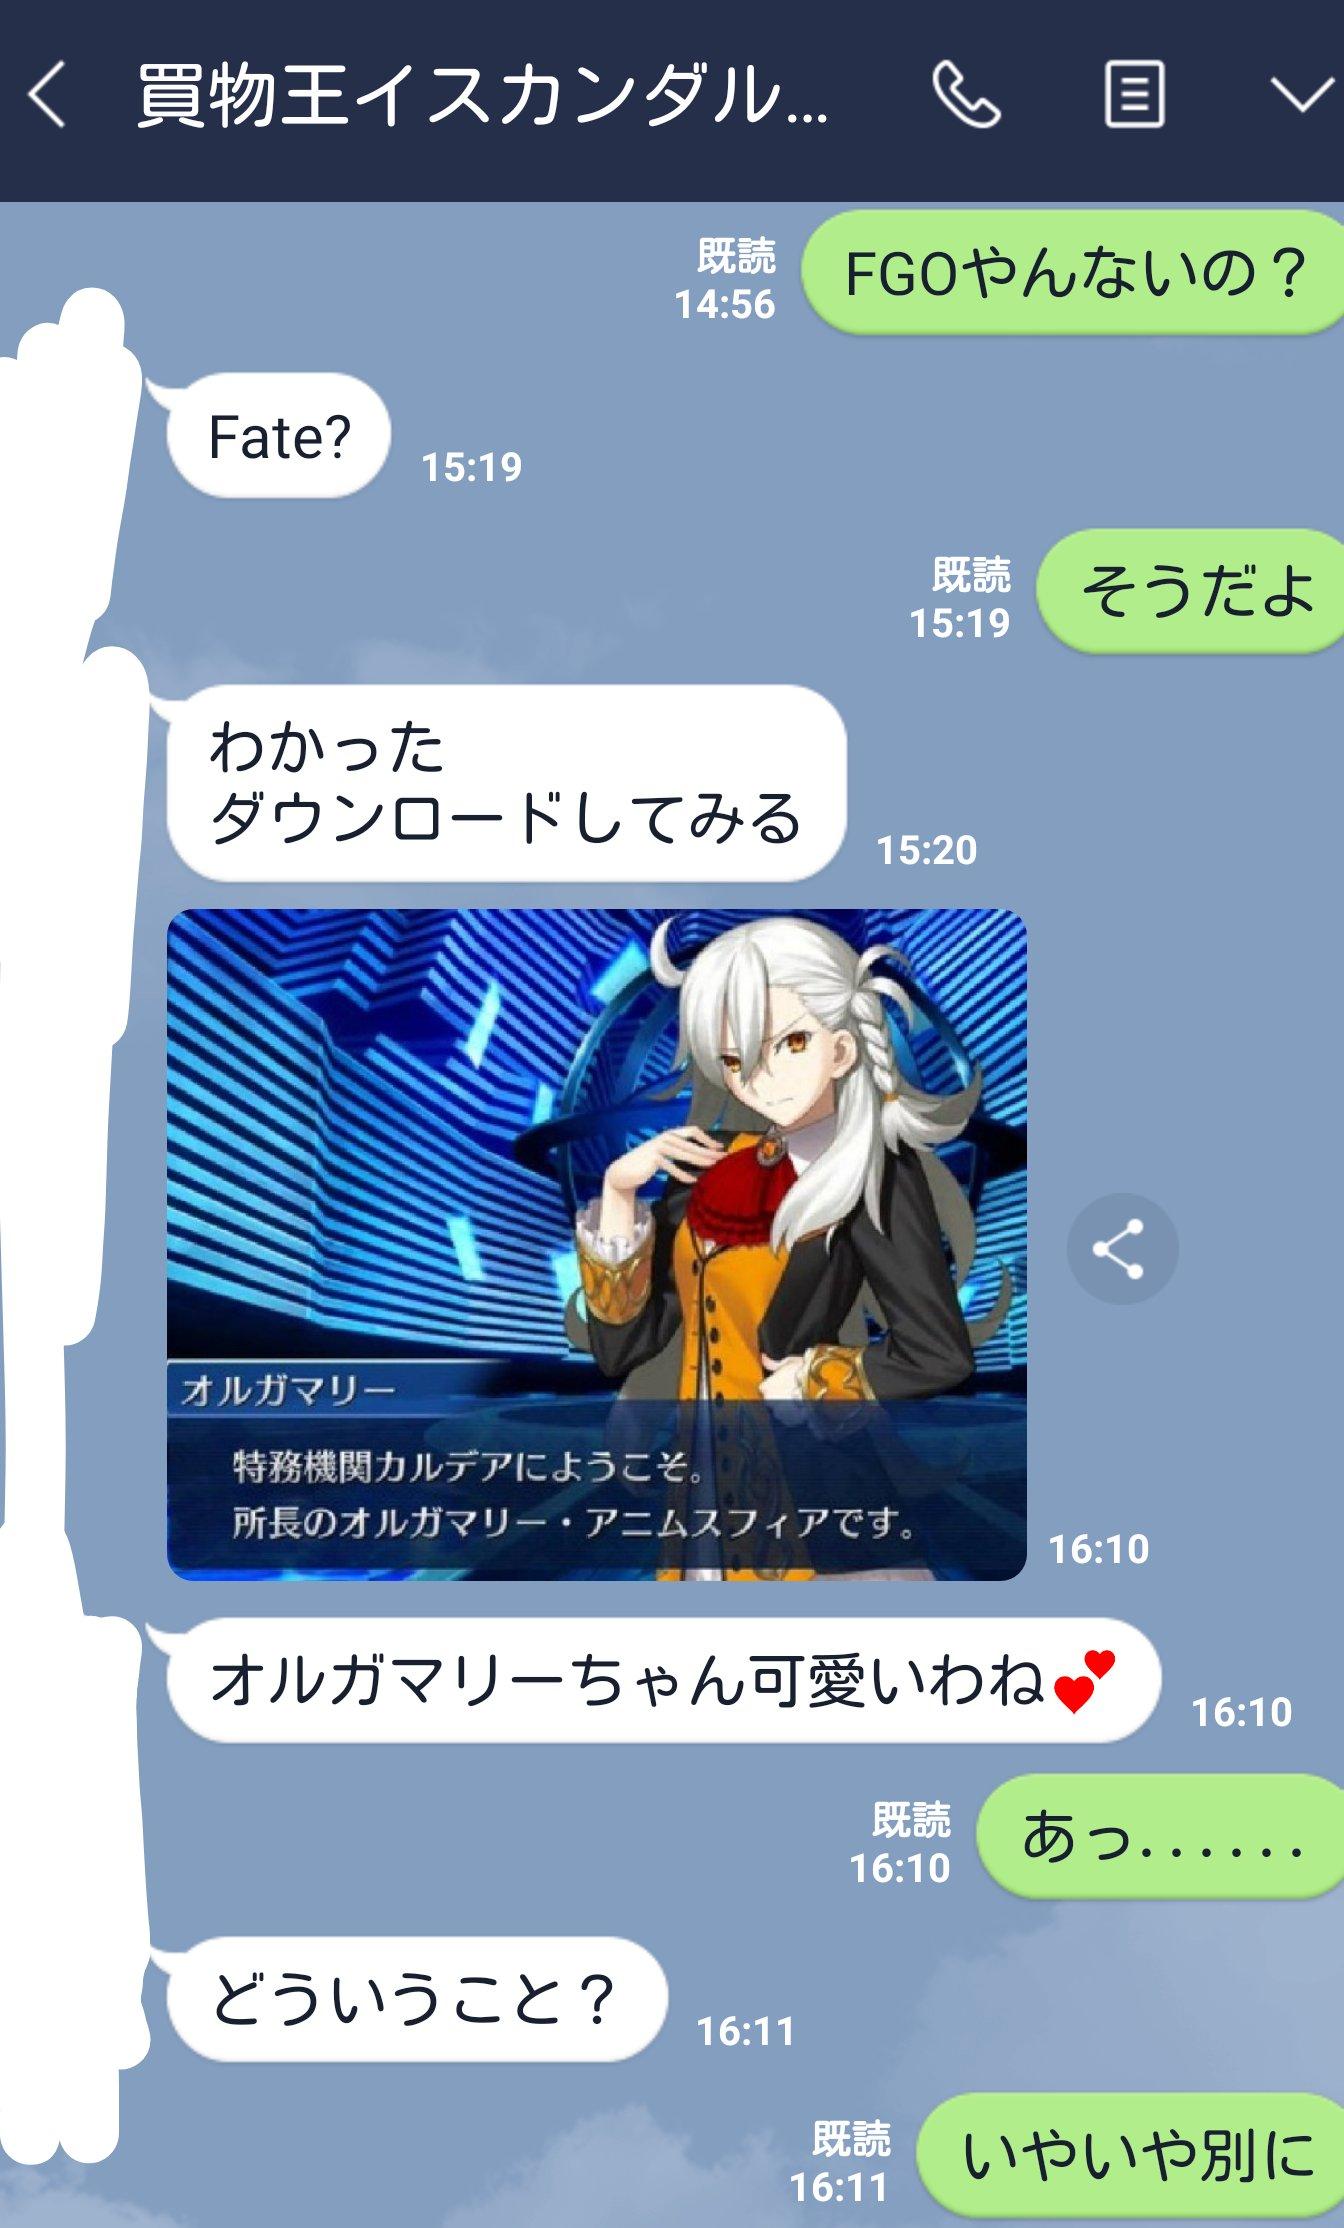 DRQ2TYV - 【悲報】イキり鯖太郎「母にFGO勧めた結果をご査収ください」→4.3万いいね